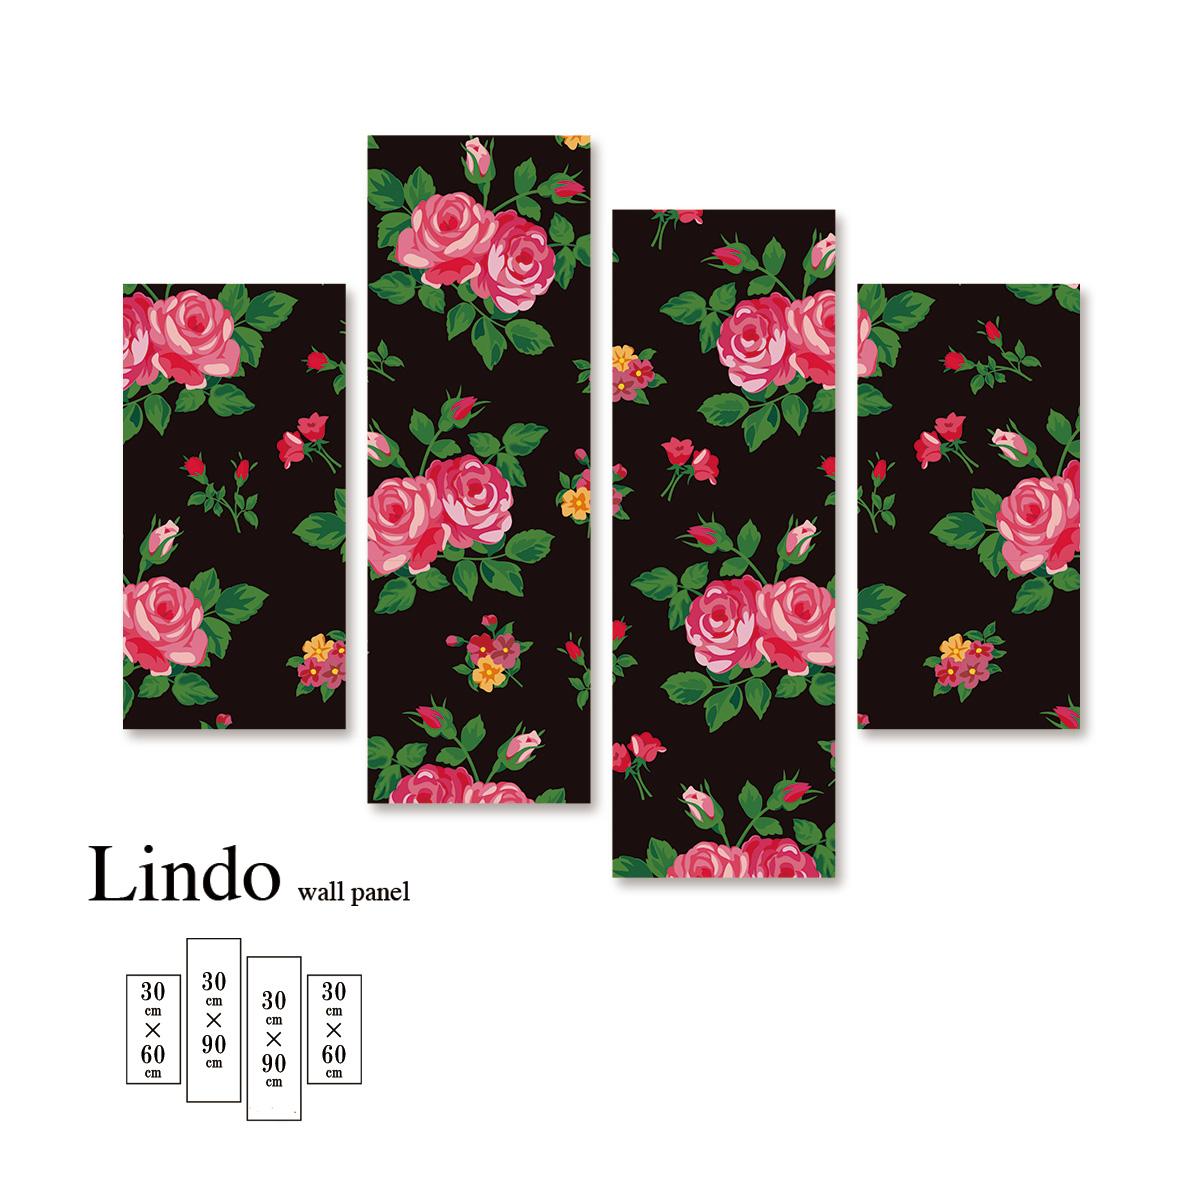 アートパネル 花 フラワー 薔薇 ローズ 花柄 植物 ブラック ピンク 壁掛け 北欧 お洒落 デザイン ファブリック 壁飾り アートボード 4枚パネル